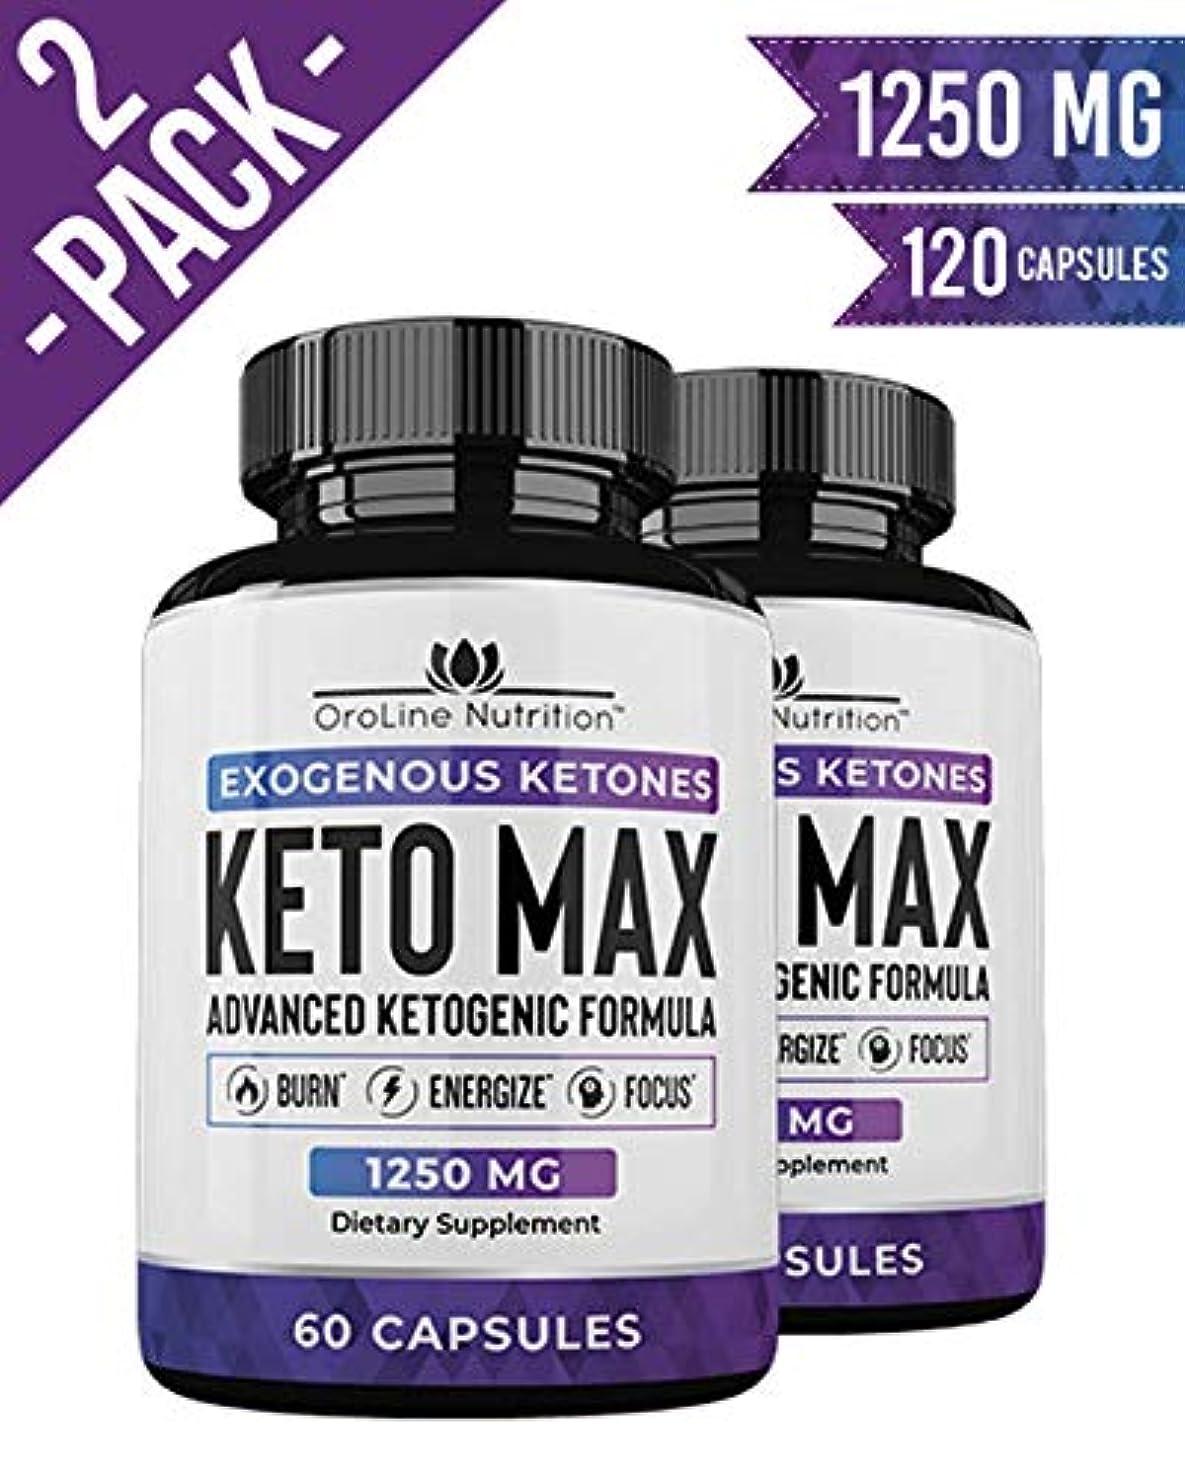 フリンジ潤滑するアンタゴニスト[OroLine Nutrition] [Keto Pills - (2 Pack | 120 Capsules) Advanced Keto Burn Diet Pills - Best Exogenous Ketones BHB Supplement 高度なケトは、ダイエット薬をバーン - ベスト外因性ケトンBHBサプリメントを]